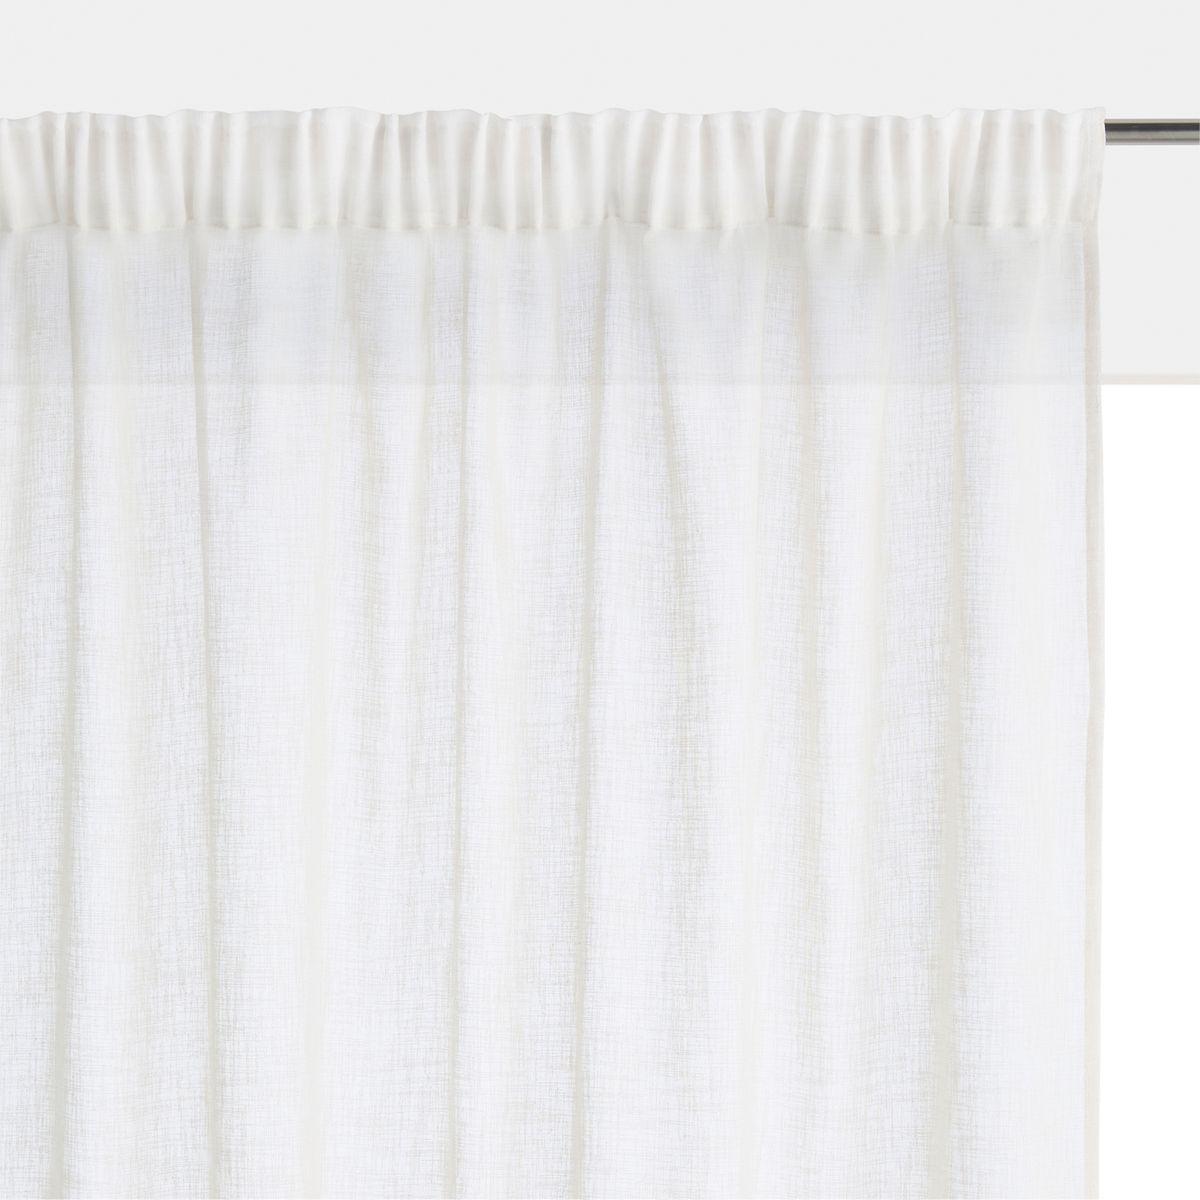 Des rideaux blancs